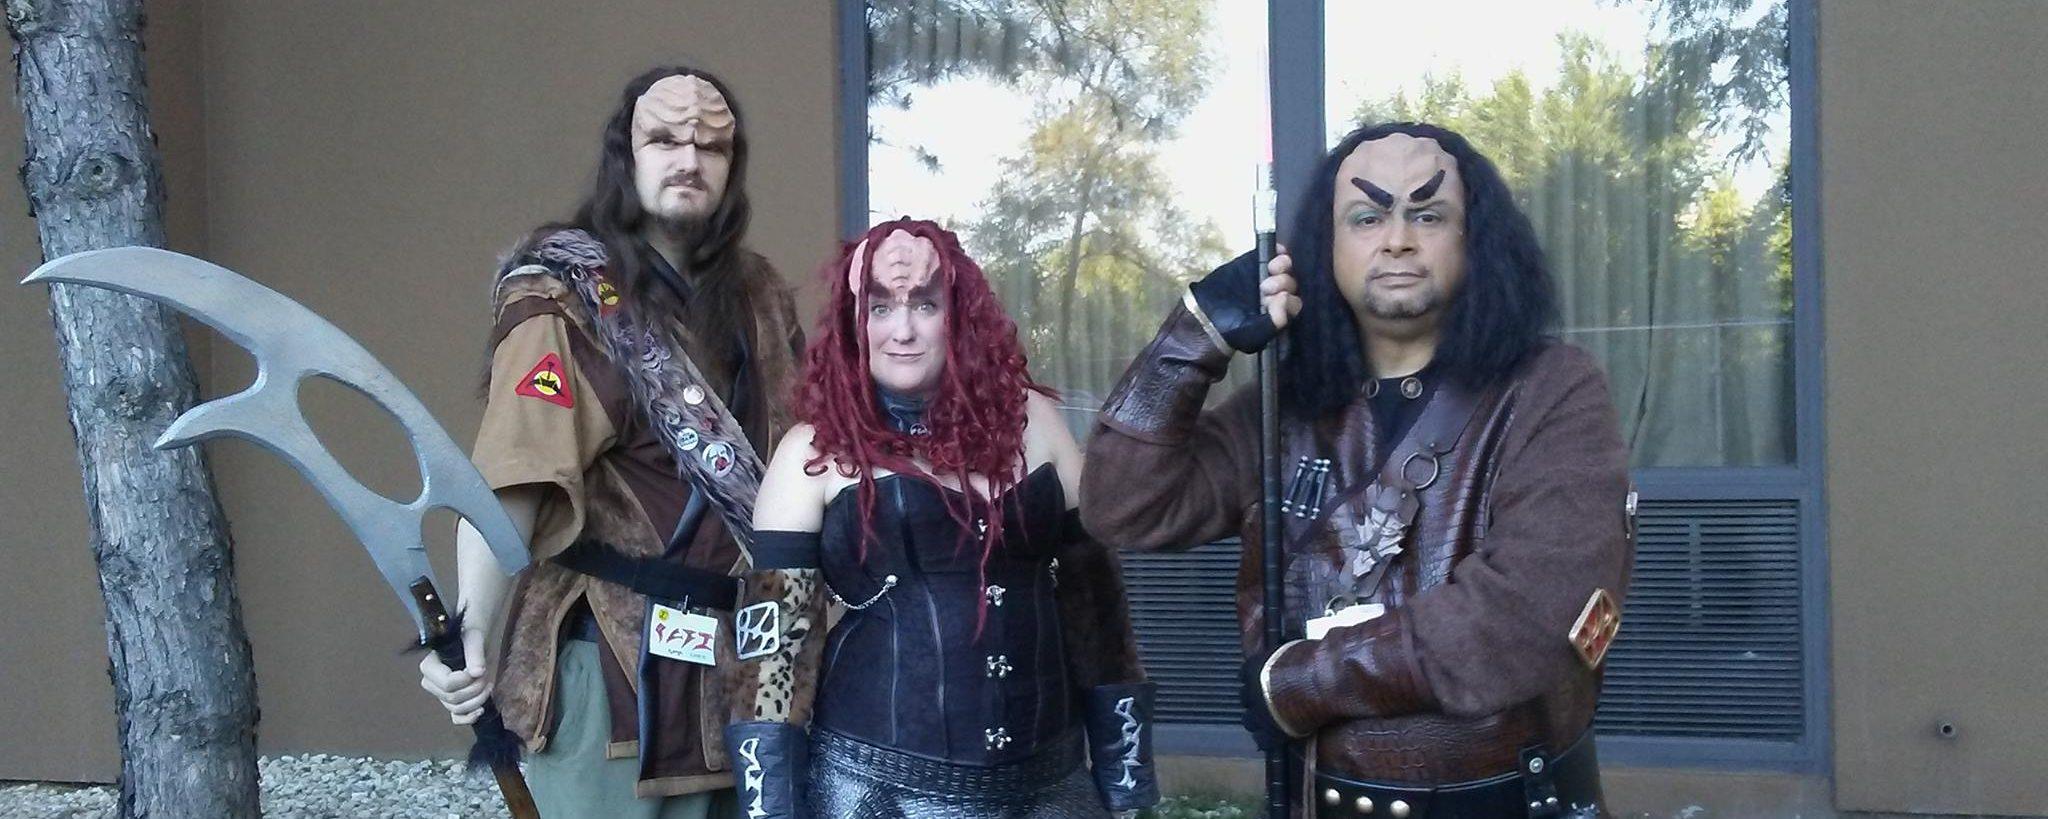 AER: 2017 Klingon Language Institute qep'a'!